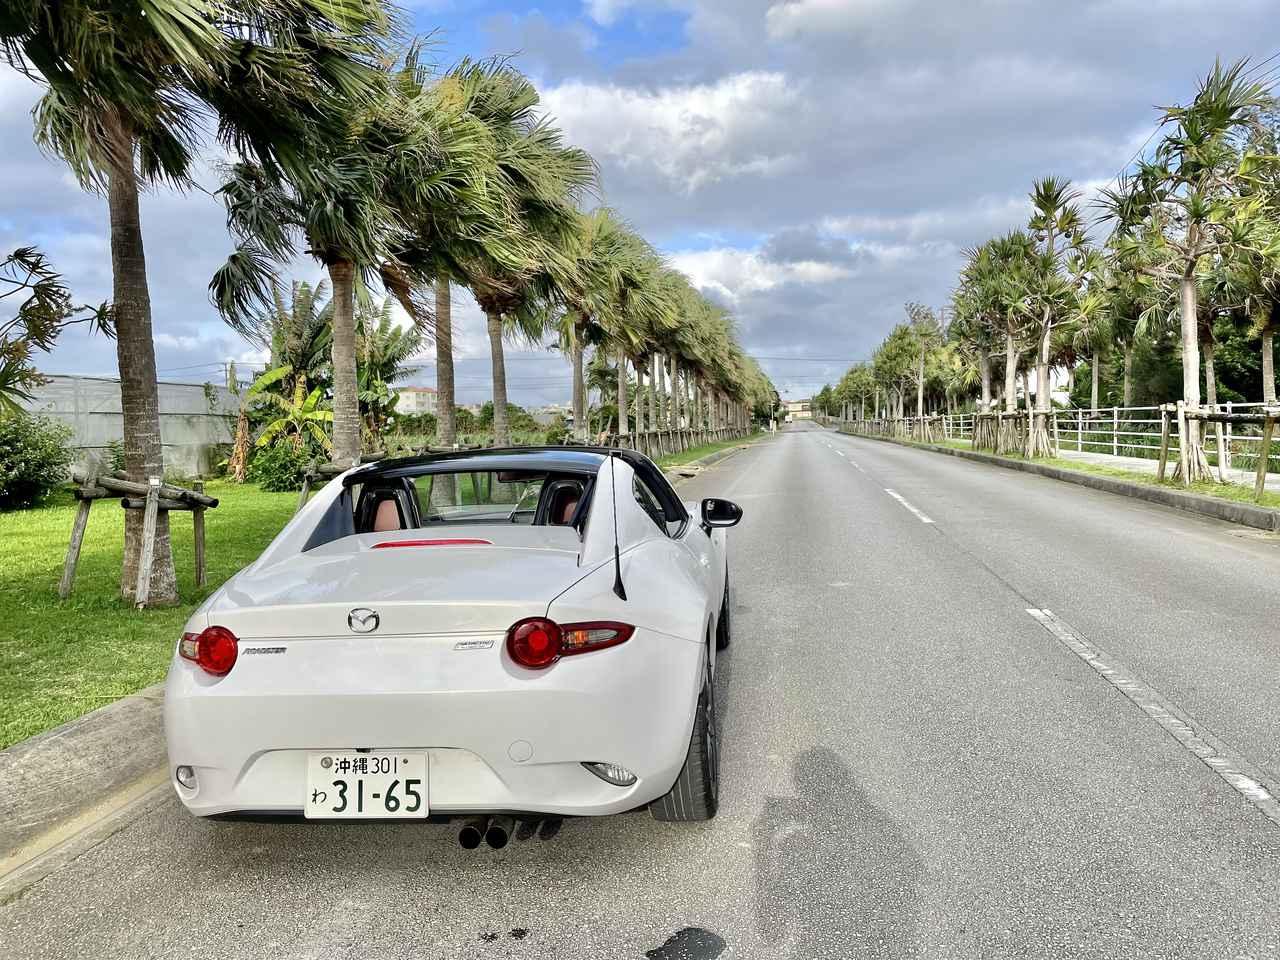 画像: 南国の景色とマッチする車を